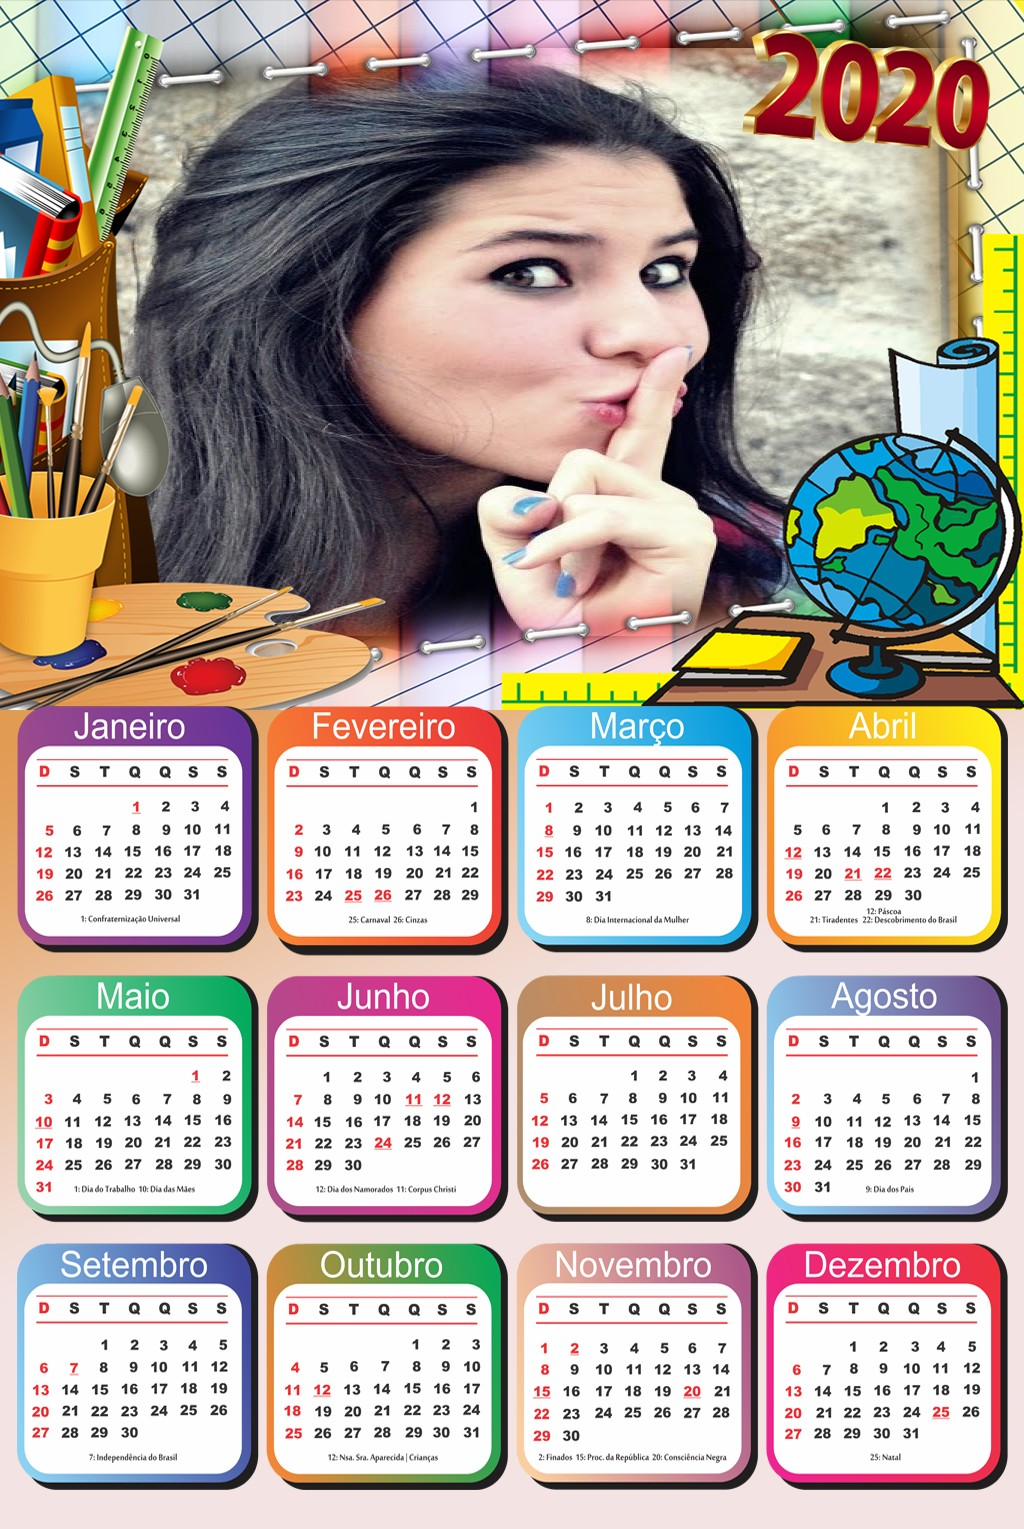 montagem-de-fotos-escolar-2020-com-calendario-gratis